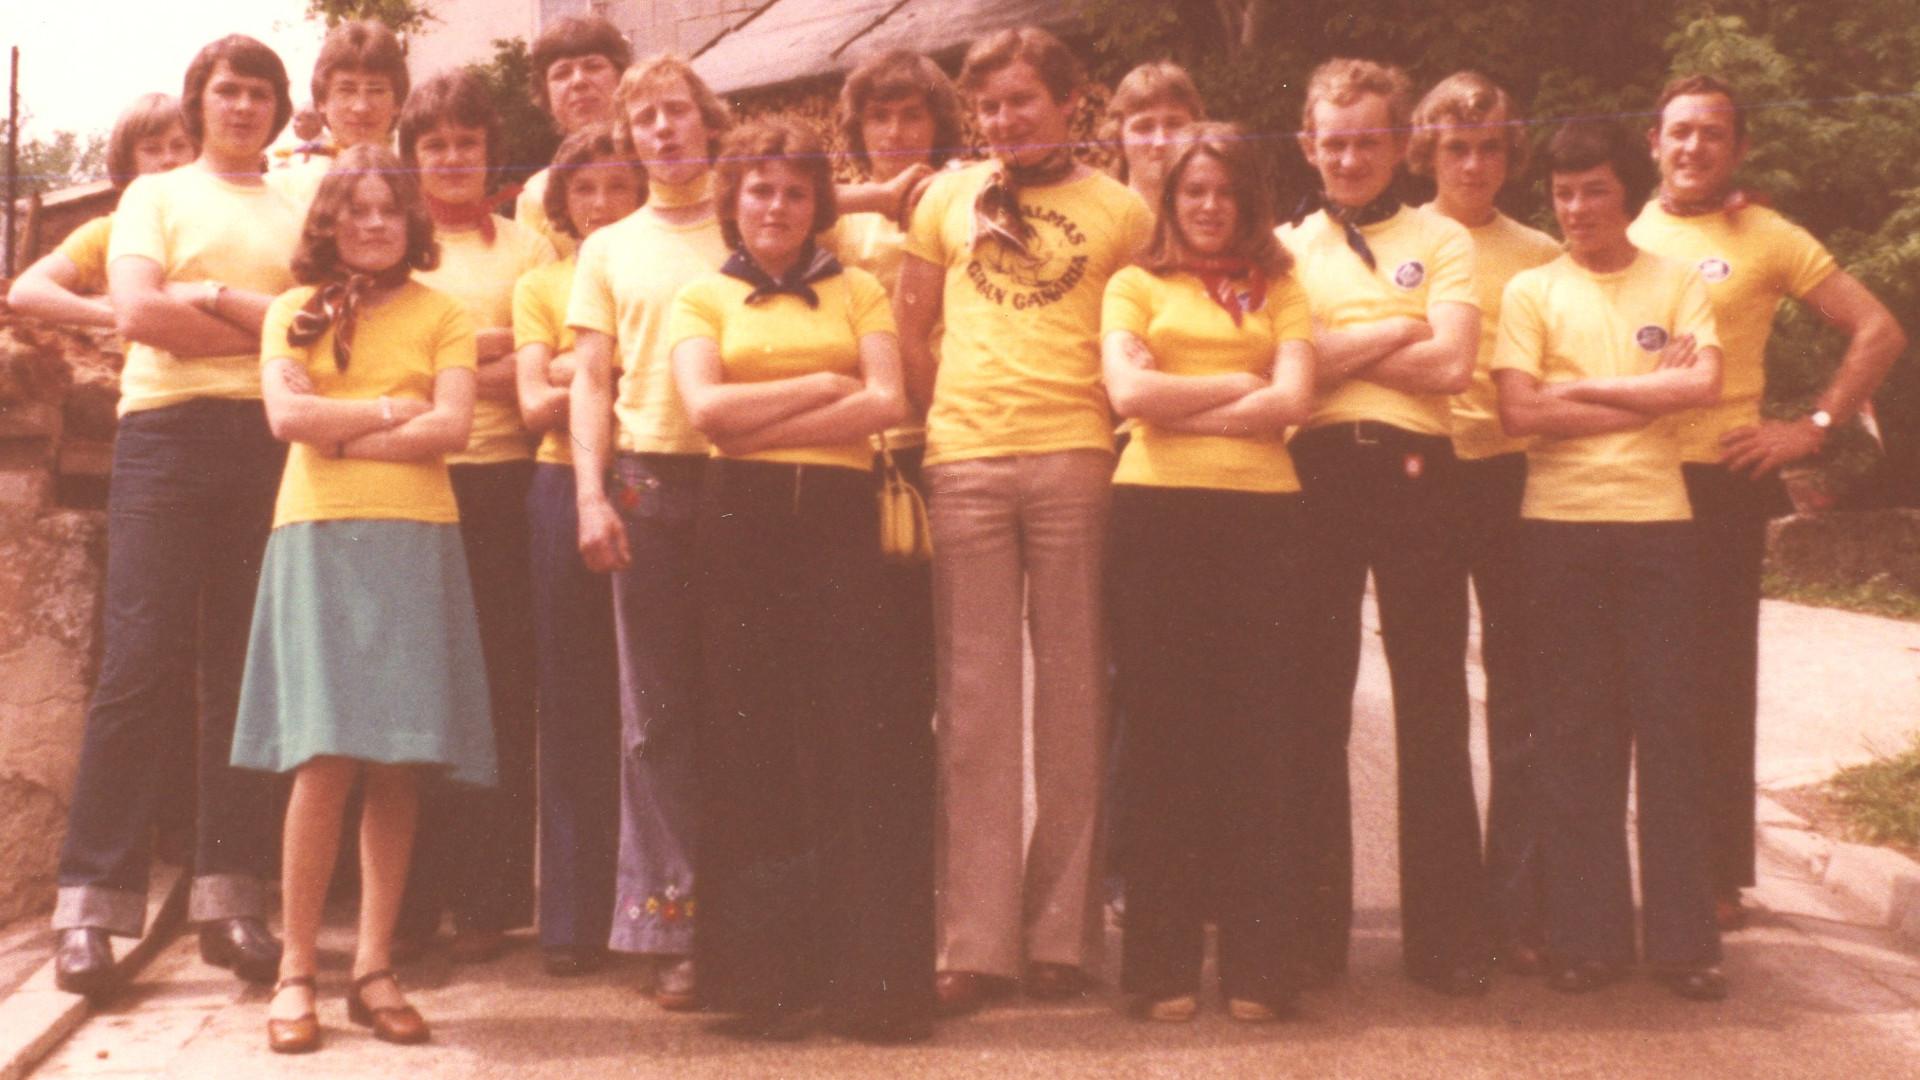 Die ersten einheitlichen T-Shirts in gelb